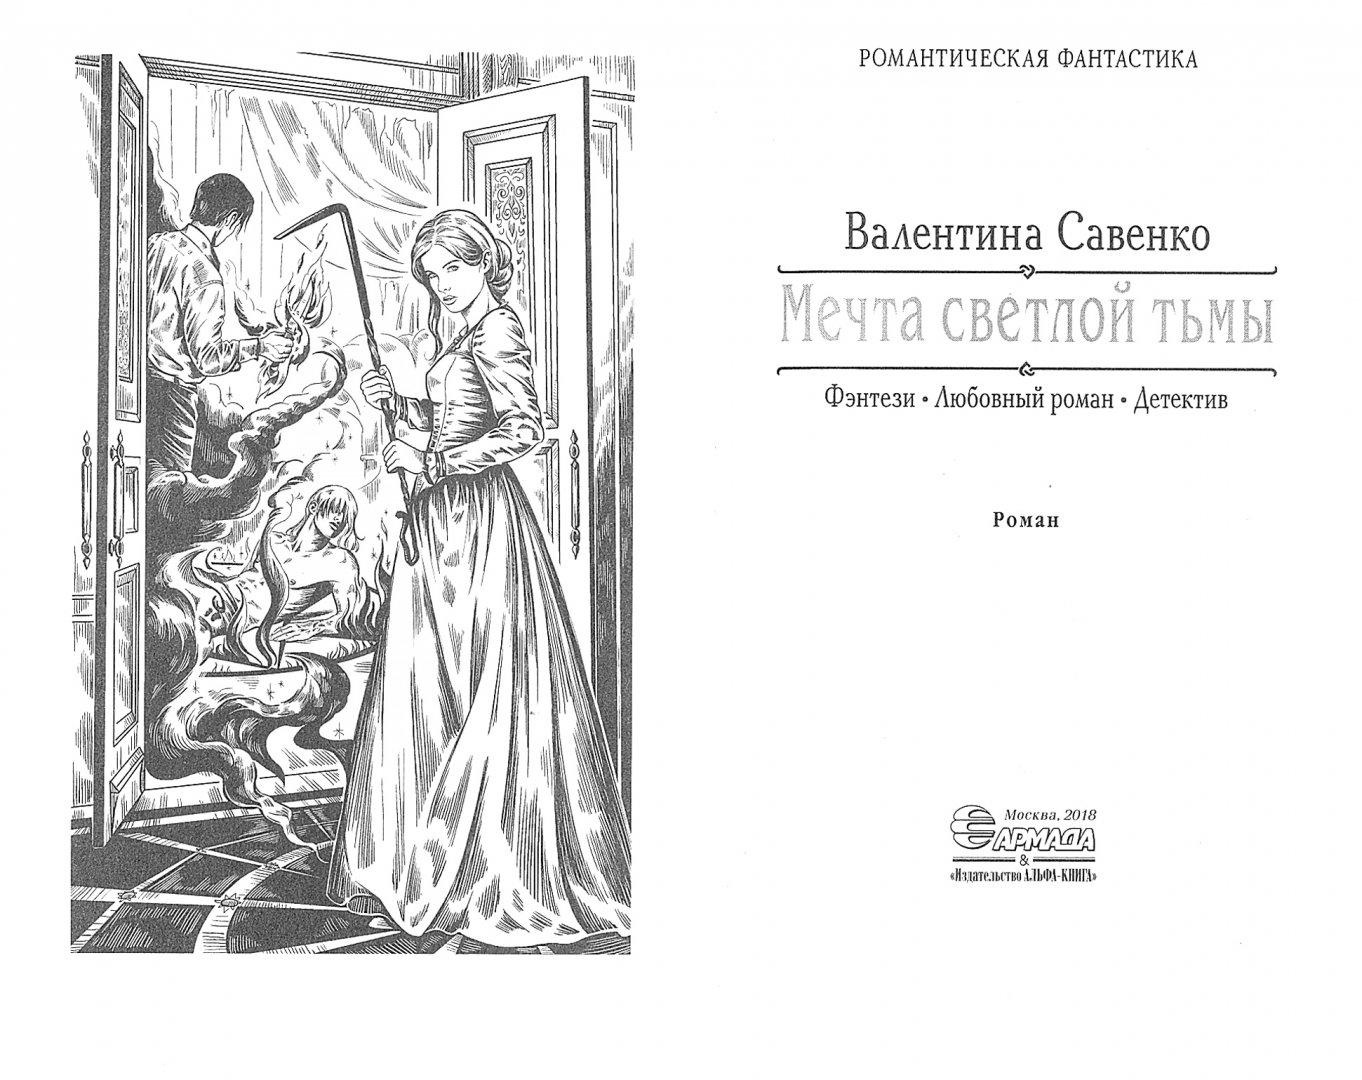 Иллюстрация 1 из 30 для Мечта светлой тьмы - Валентина Савенко | Лабиринт - книги. Источник: Лабиринт